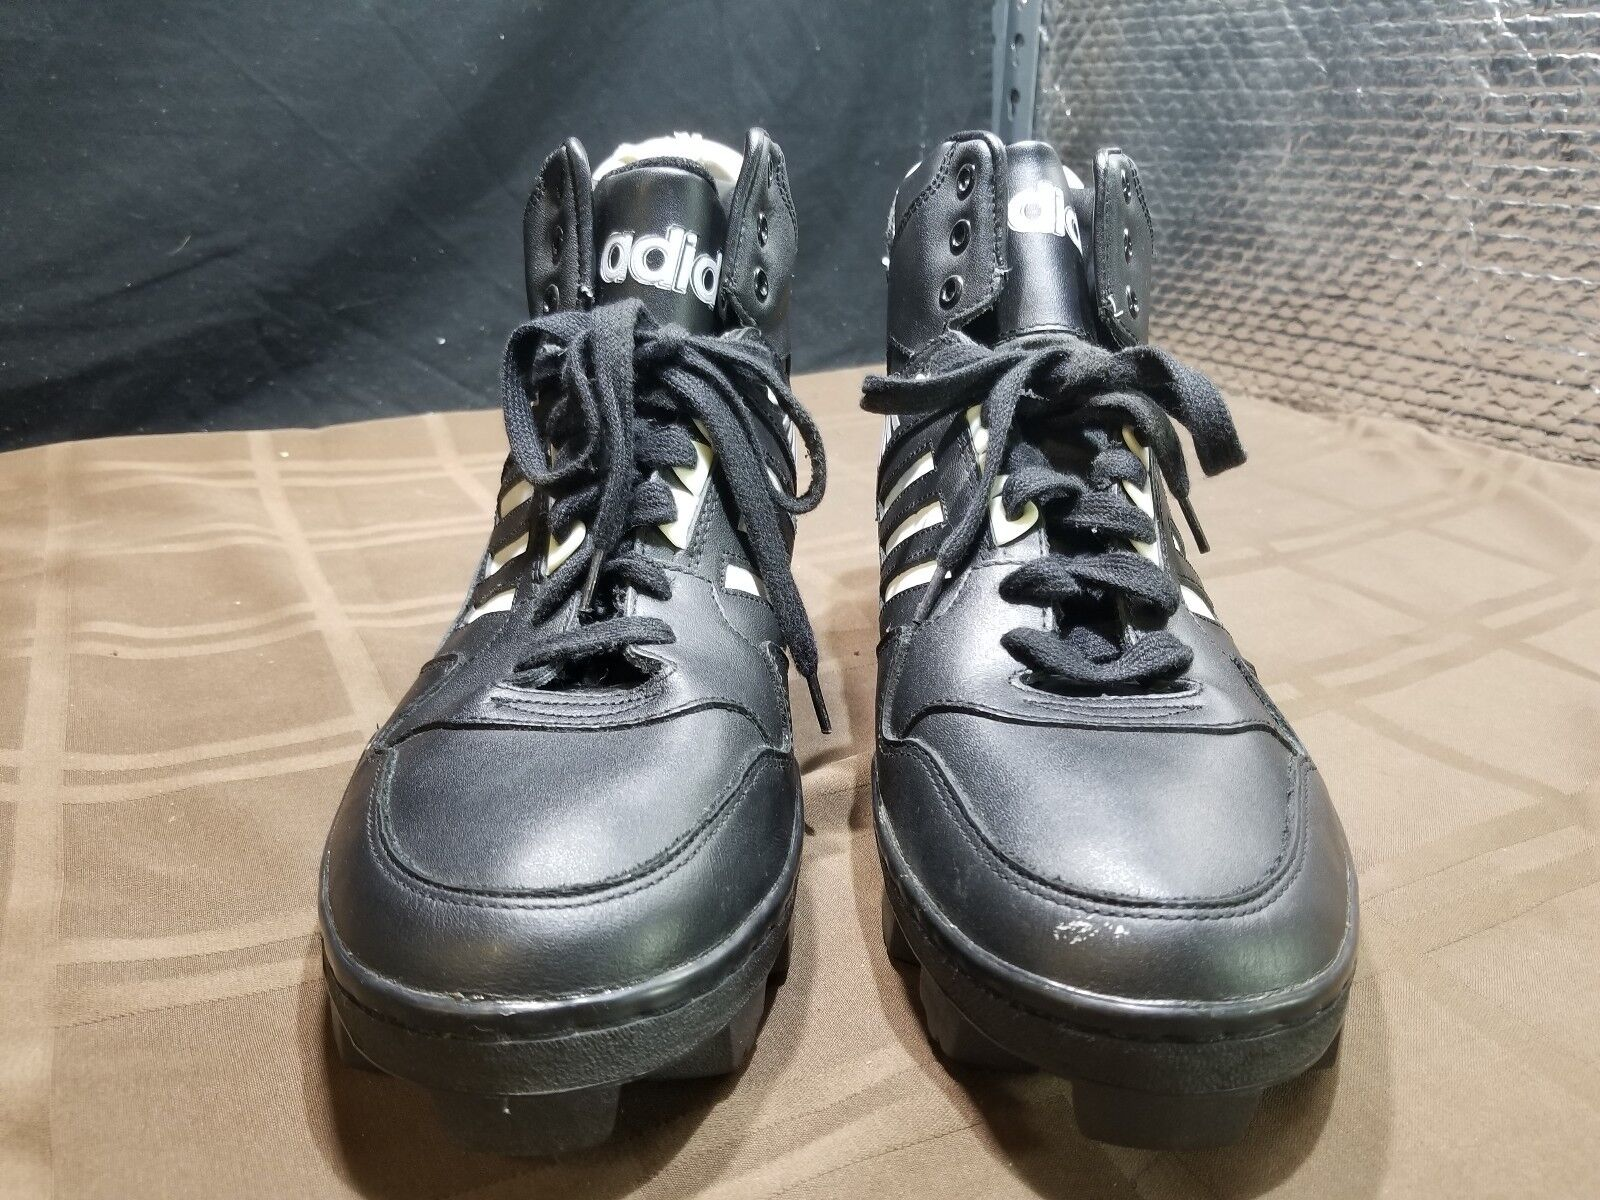 oldtimer - adidas fußballs stollen weiß 1989 größe 11 - weiß stollen auf schwarz 4060c3